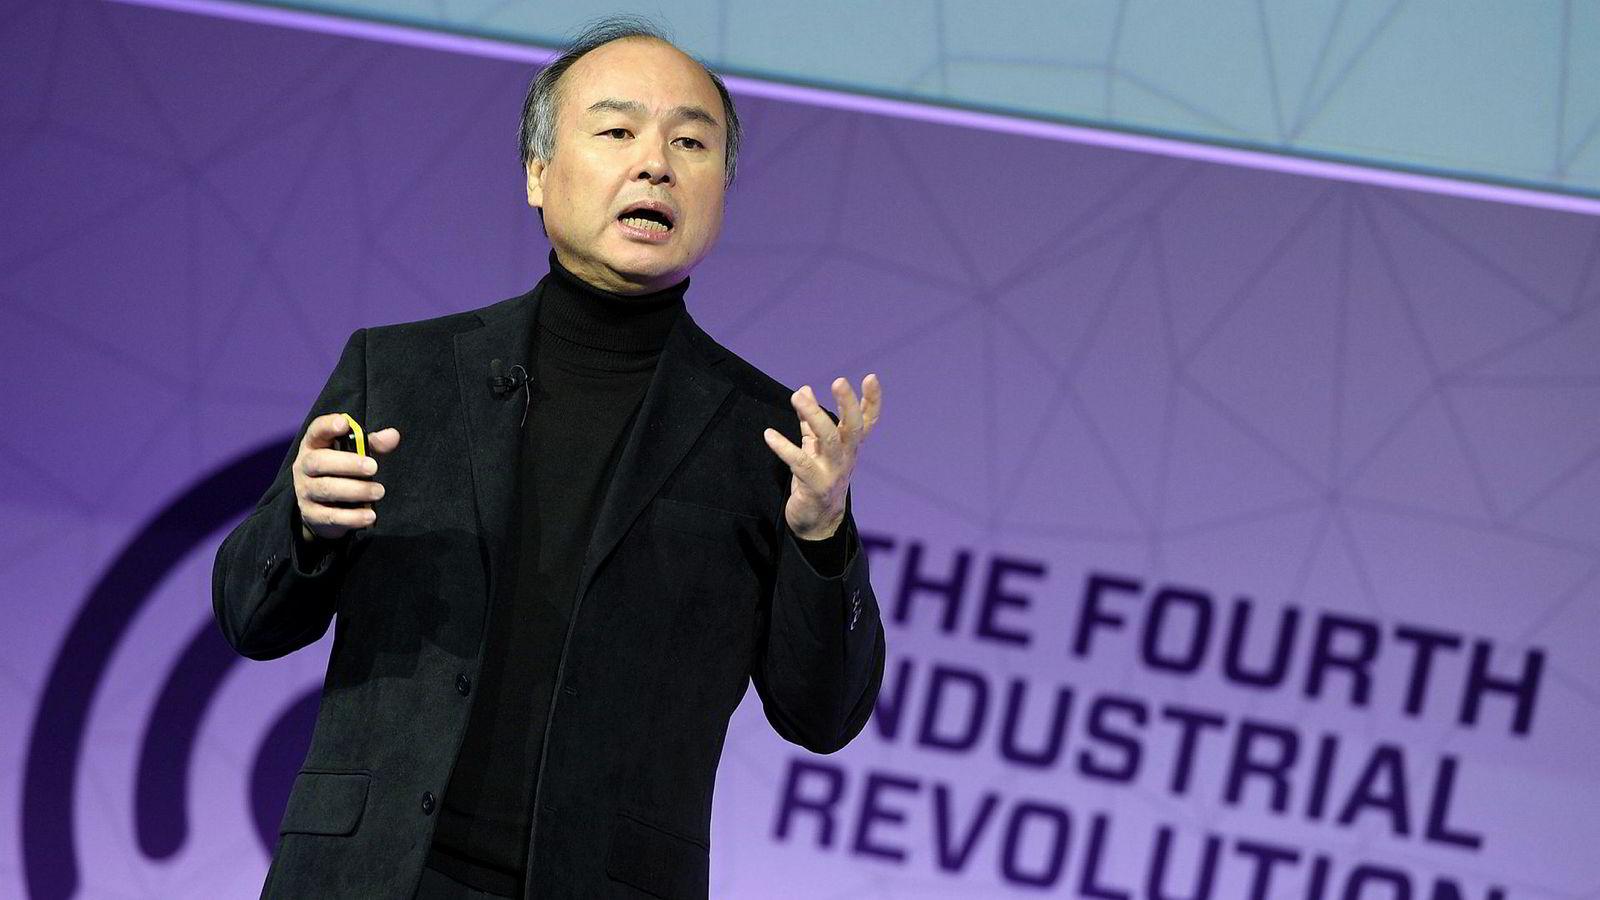 En ny teknologirevolusjon er på trappene og Masayoshi Son vil være en del av den. Han har hentet inn nesten 800 milliarder kroner i verdens største teknologiinvesteringsfond.